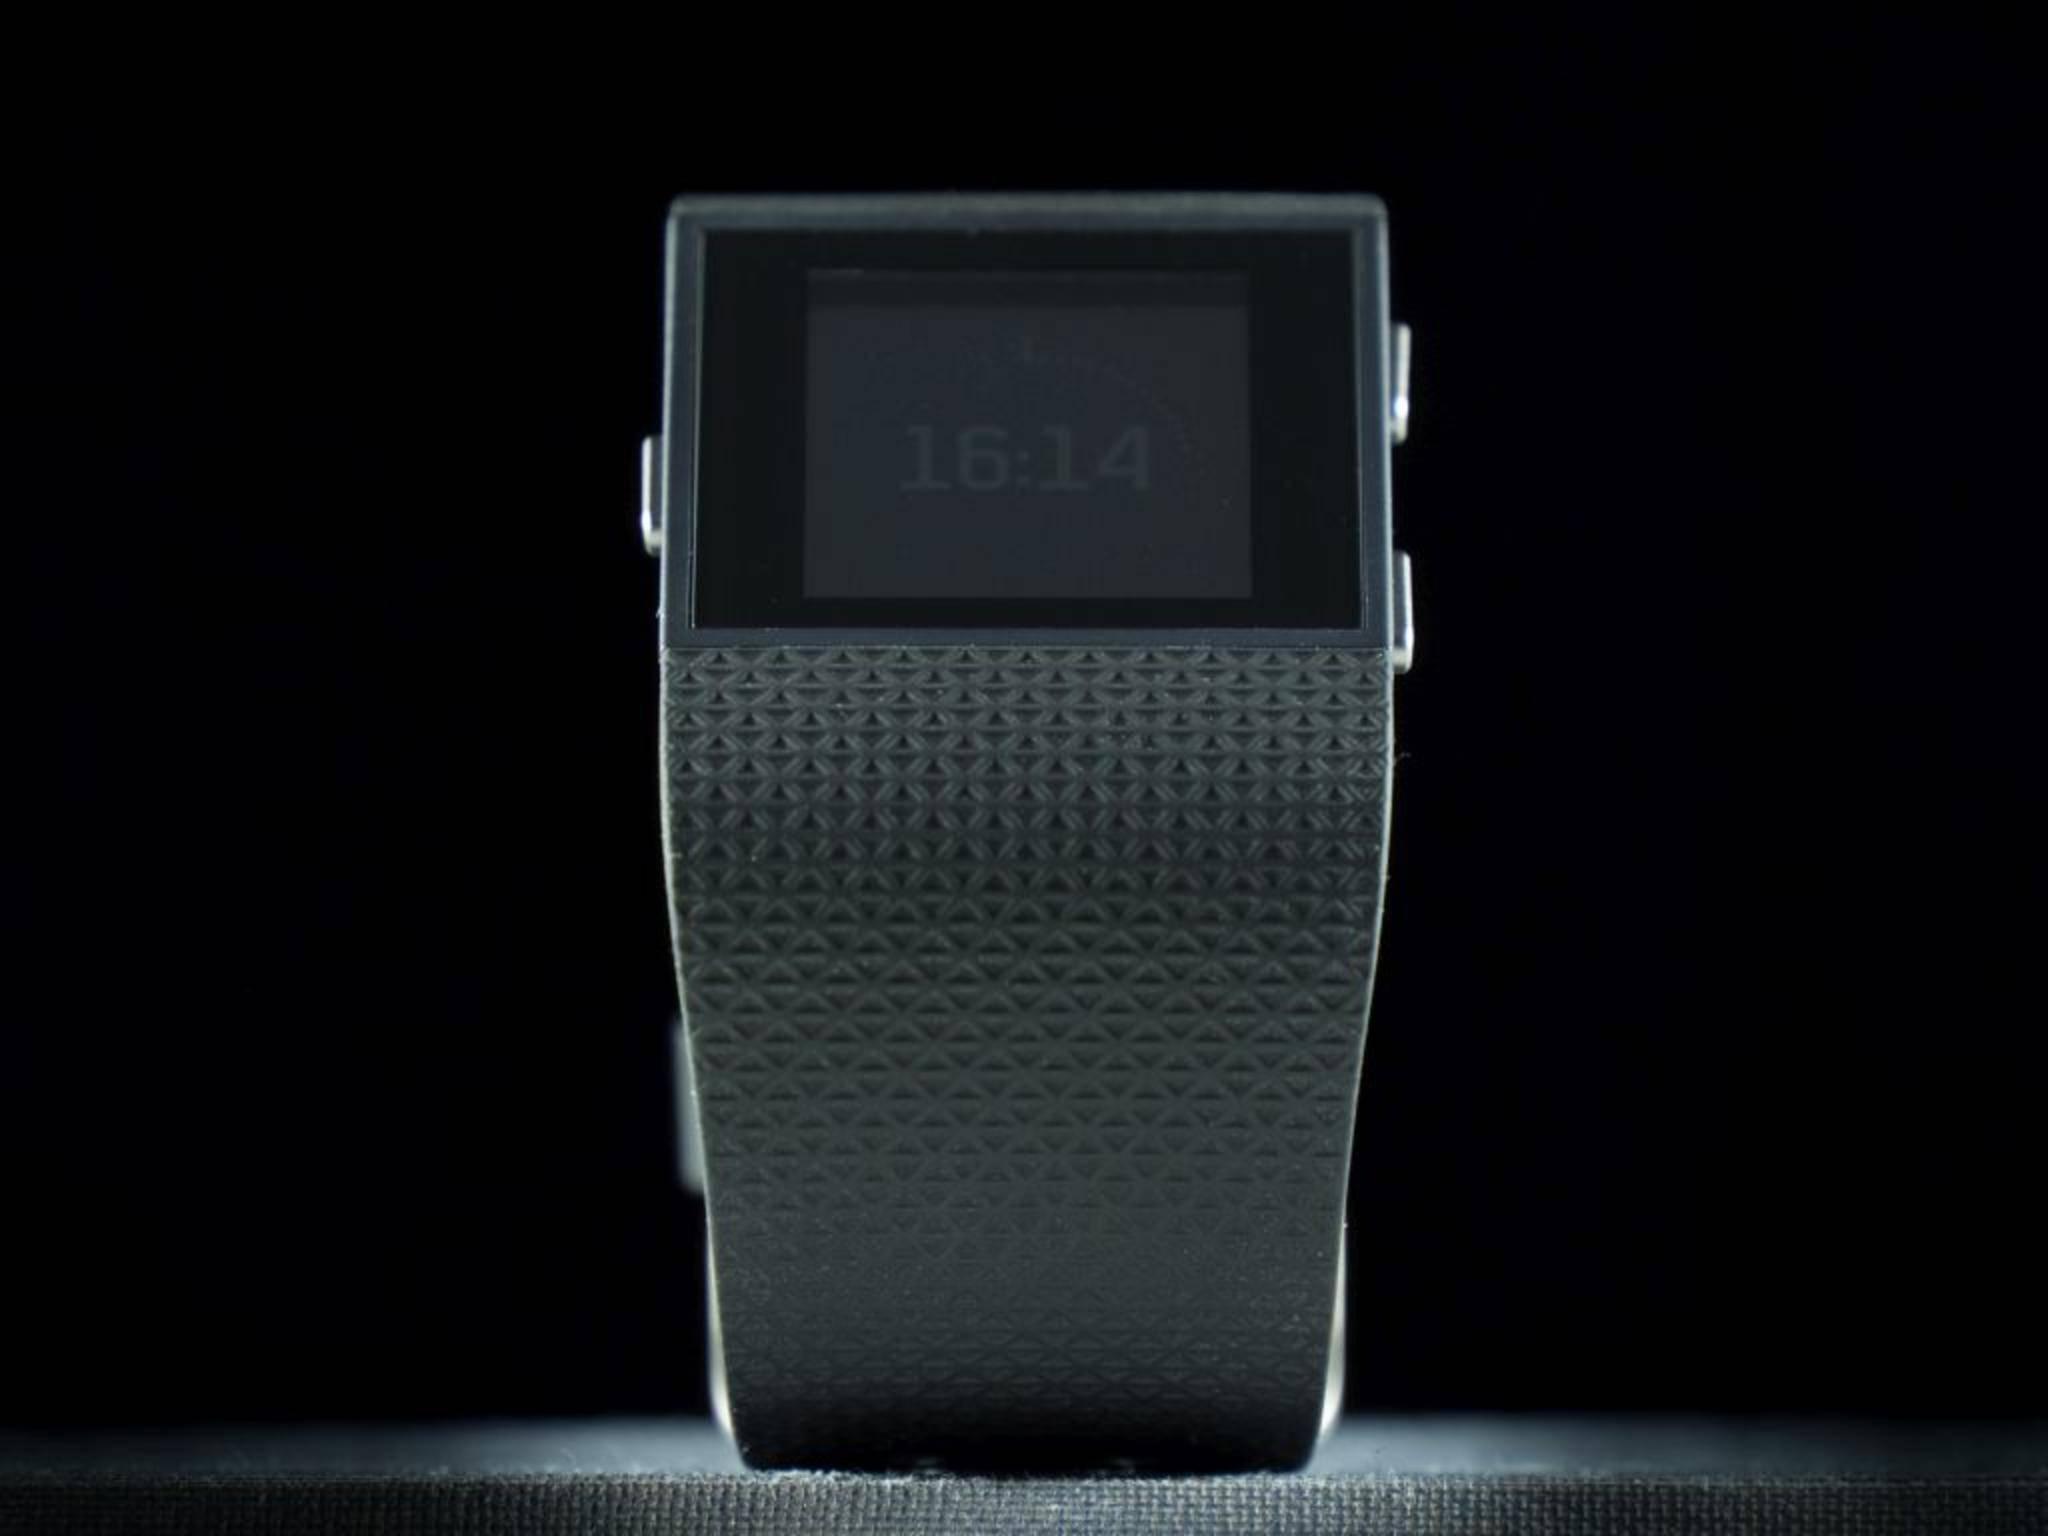 Nicht schick, aber voll mit Technik: die Fitbit Surge.